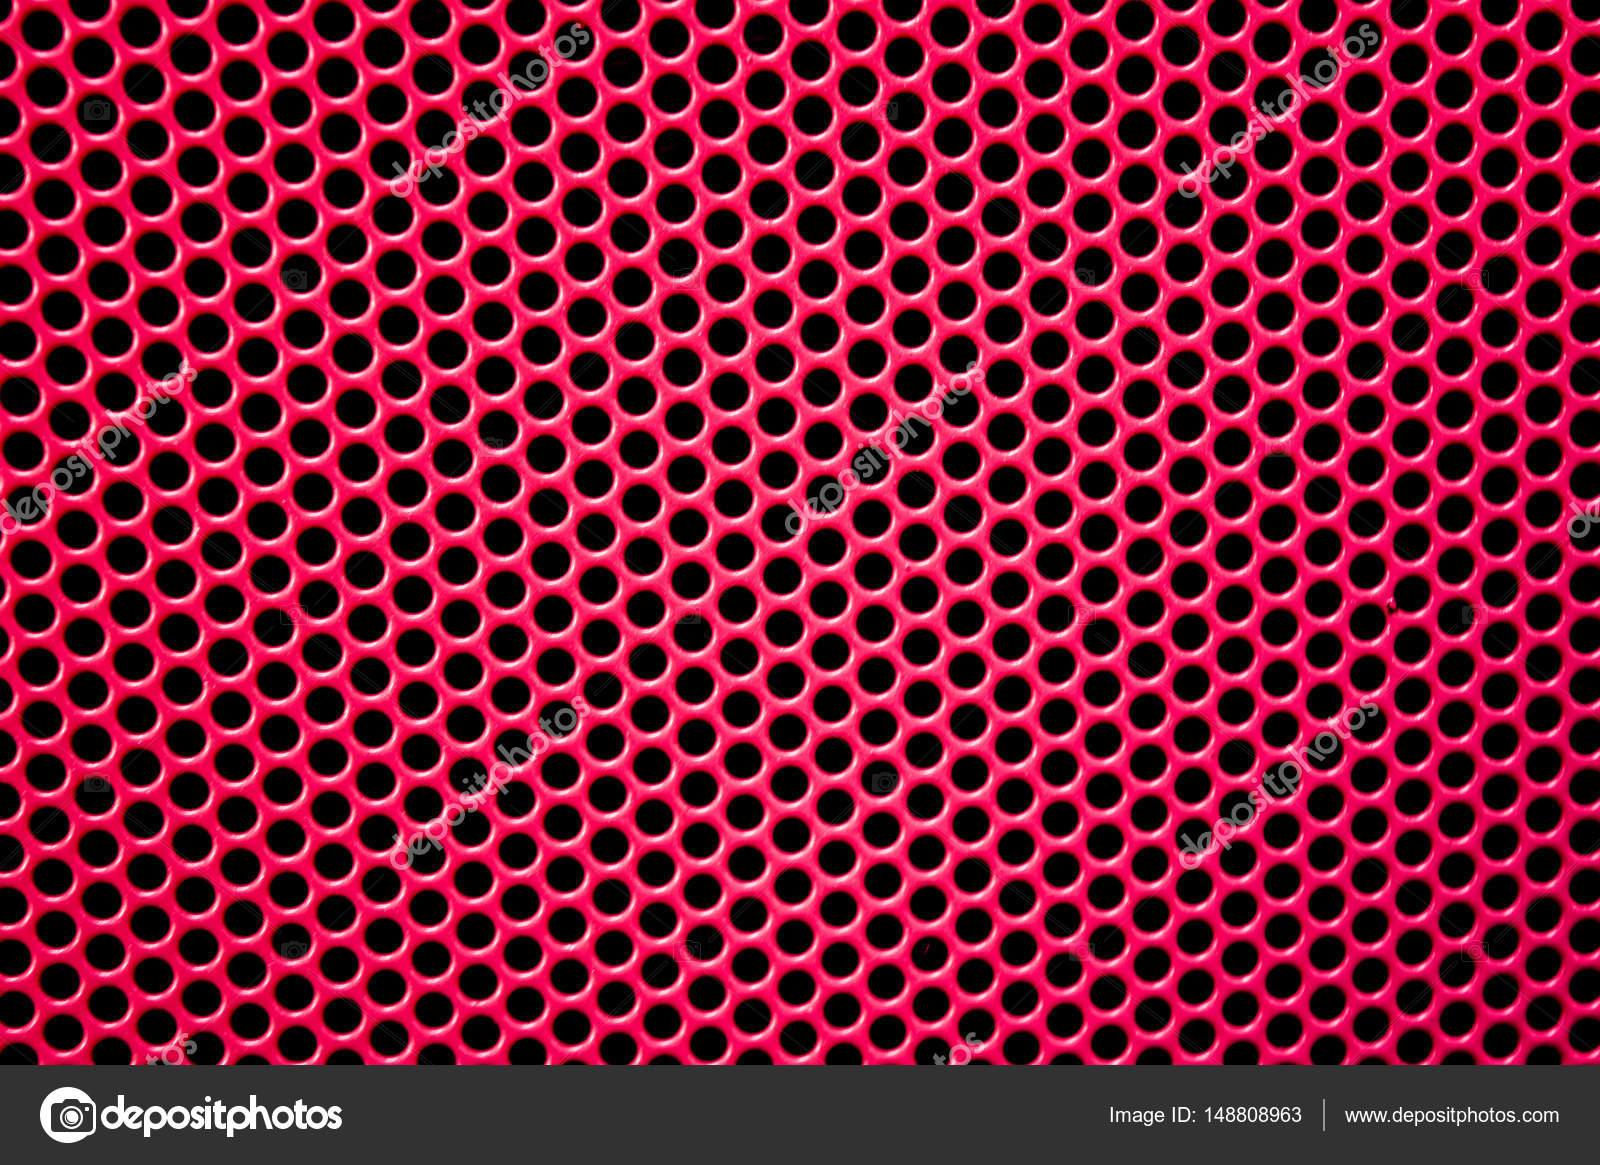 puntos rojos Resumen patrón de fondo — Foto de stock © apichart609 ...